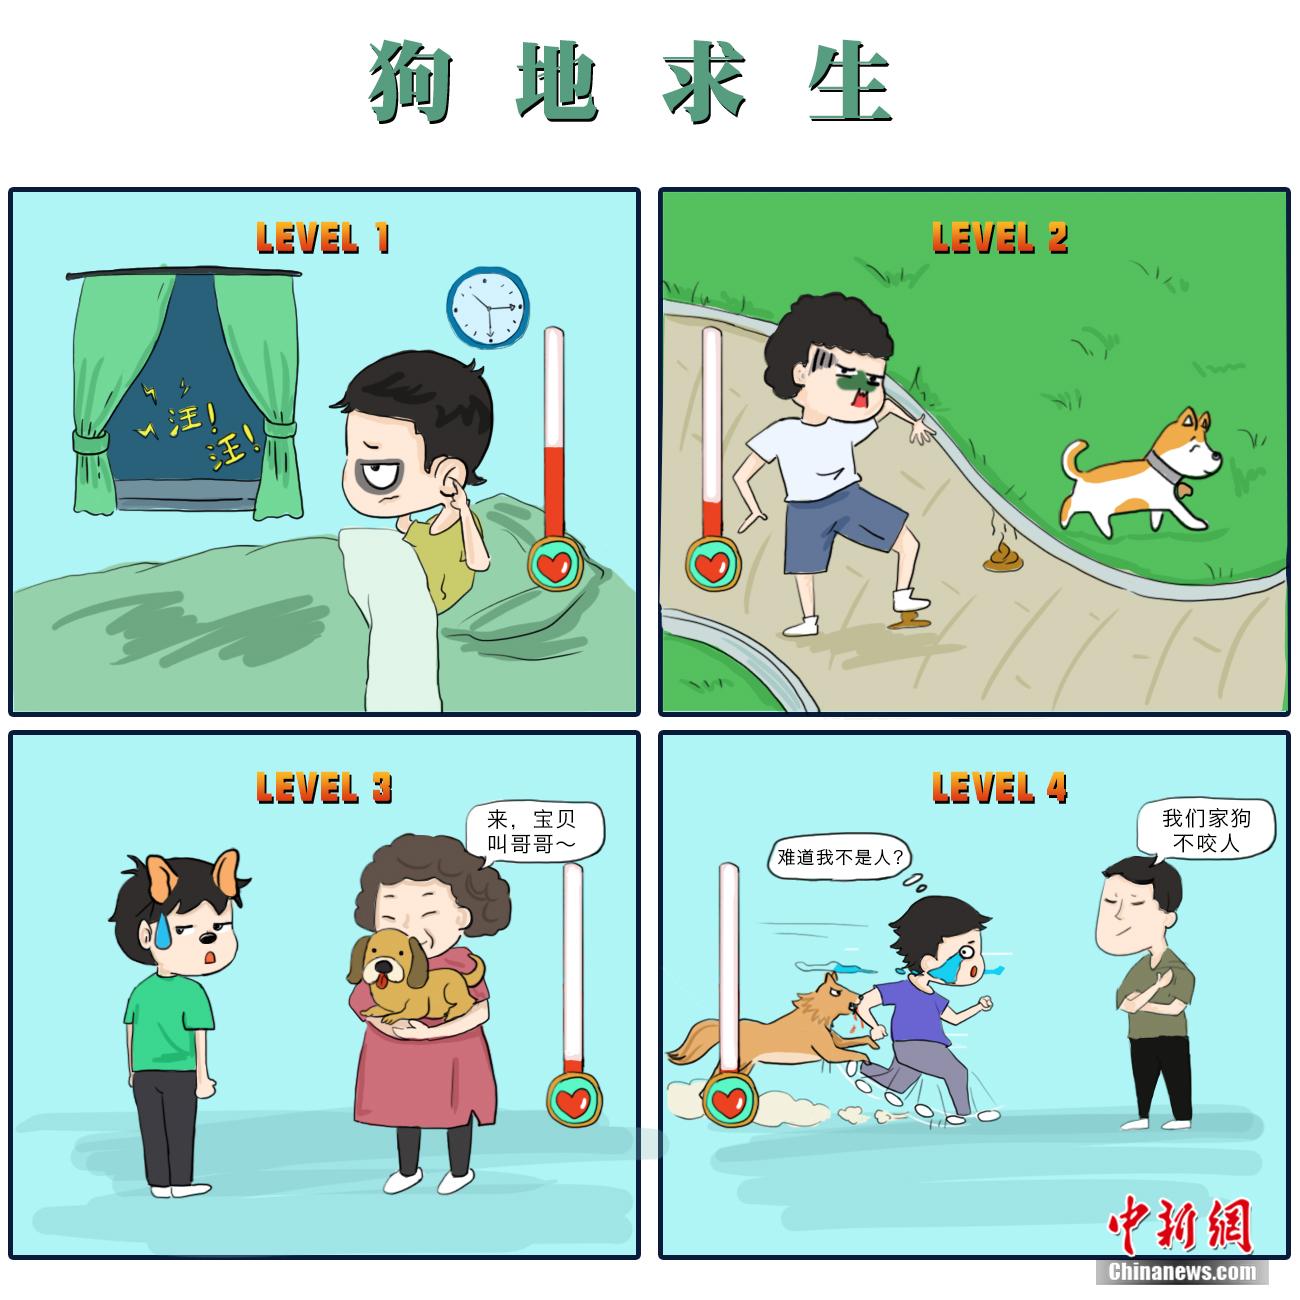 【漫画】壹图 | 狗狗很可爱,但不文明养狗很可恶